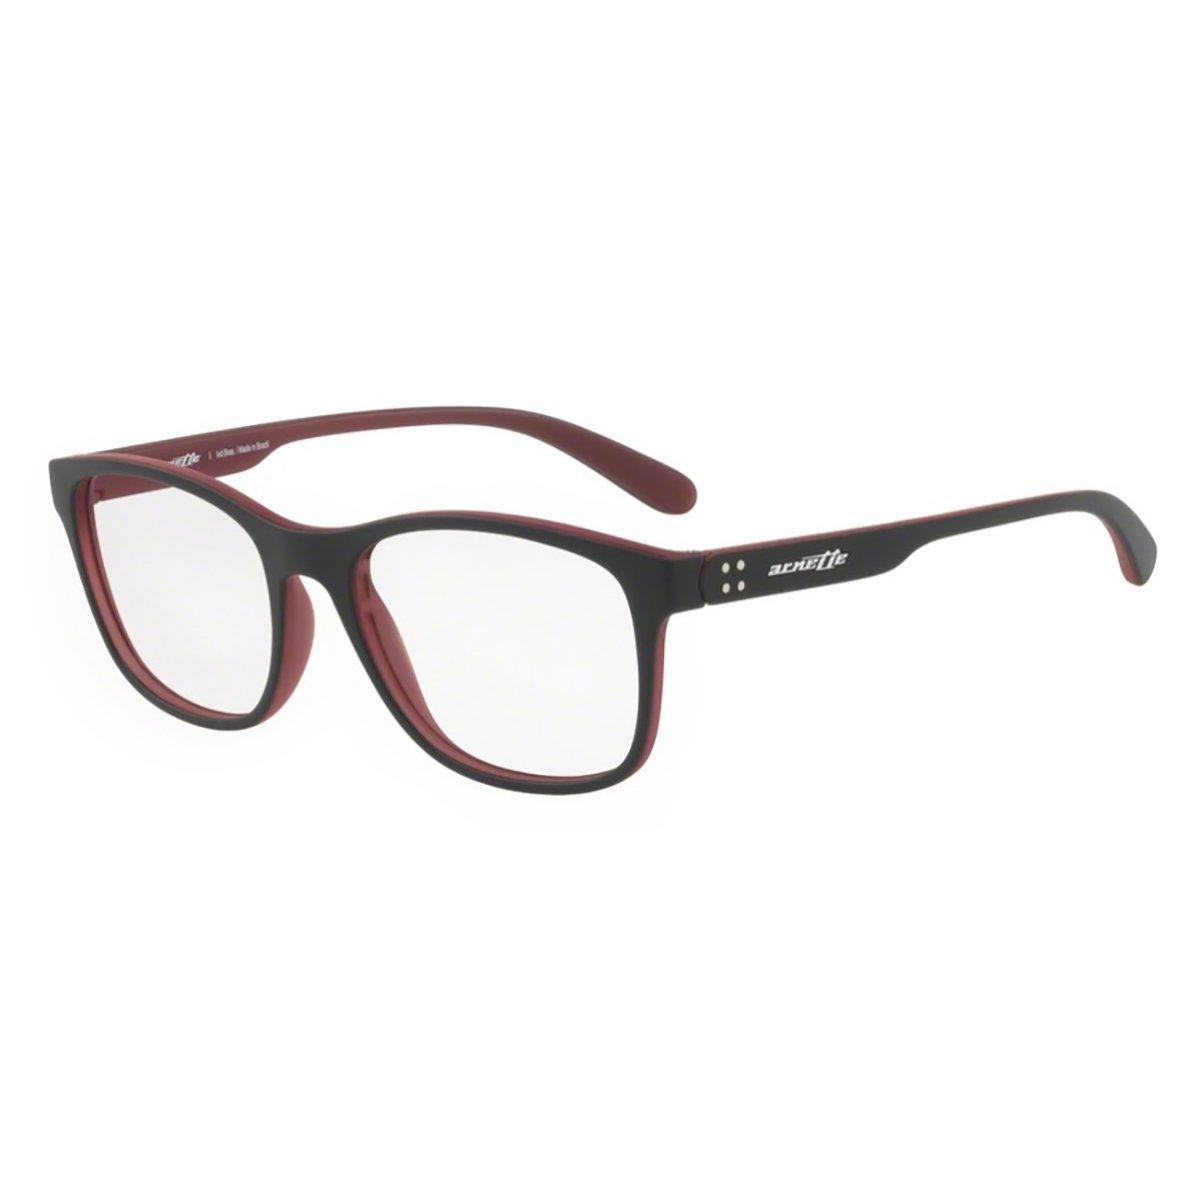 c8c8c14597b86 Compre Óculos de Grau Arnette em 10X